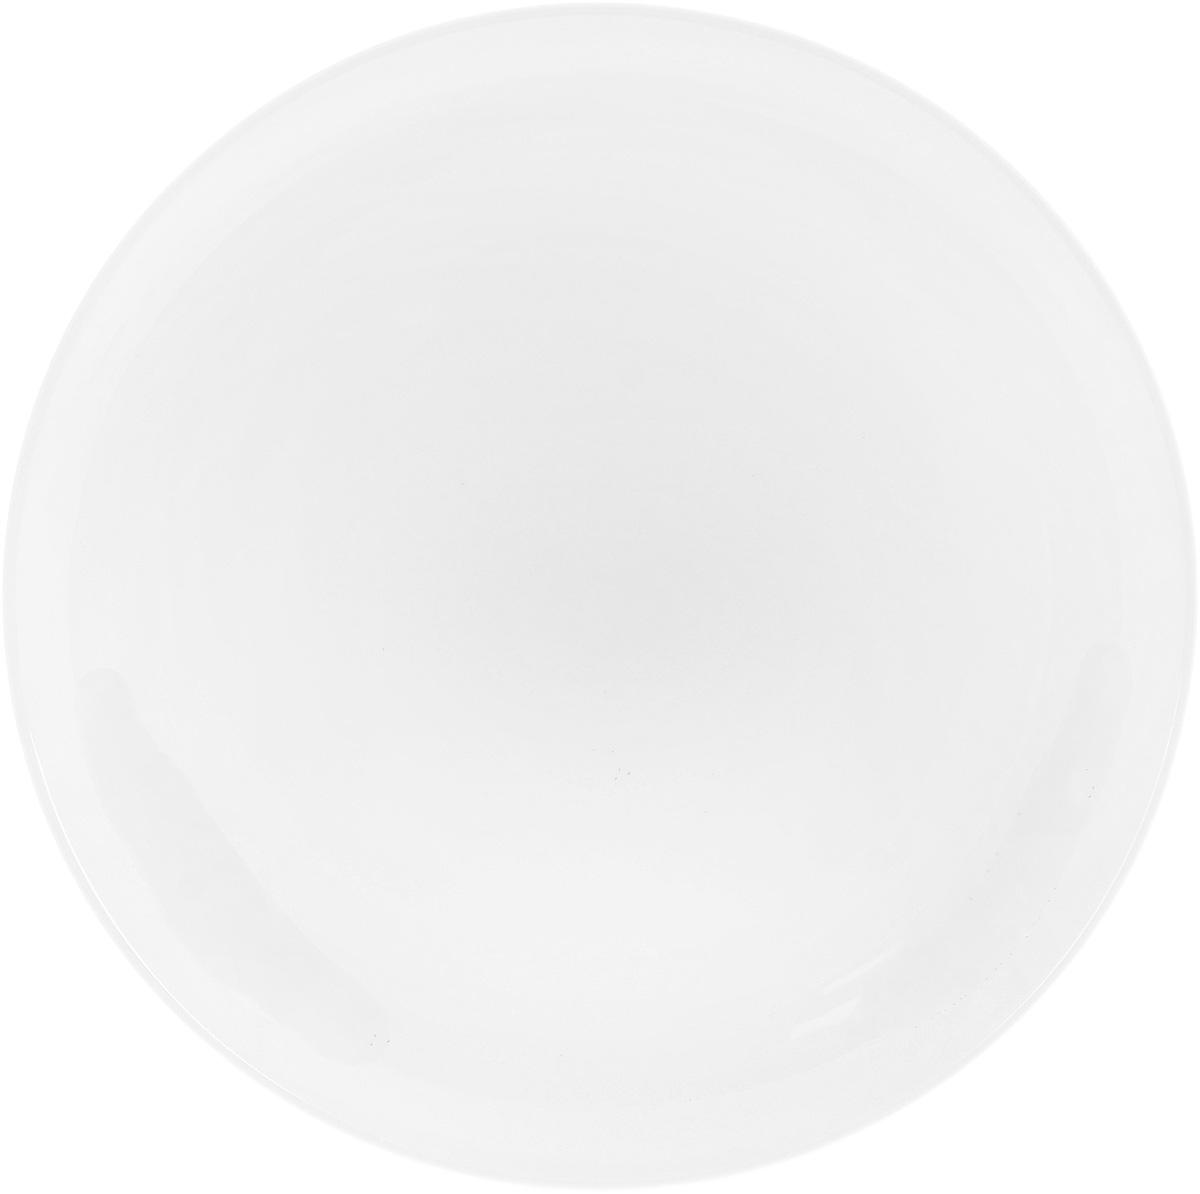 Тарелка Wilmax, диаметр 25,5 см